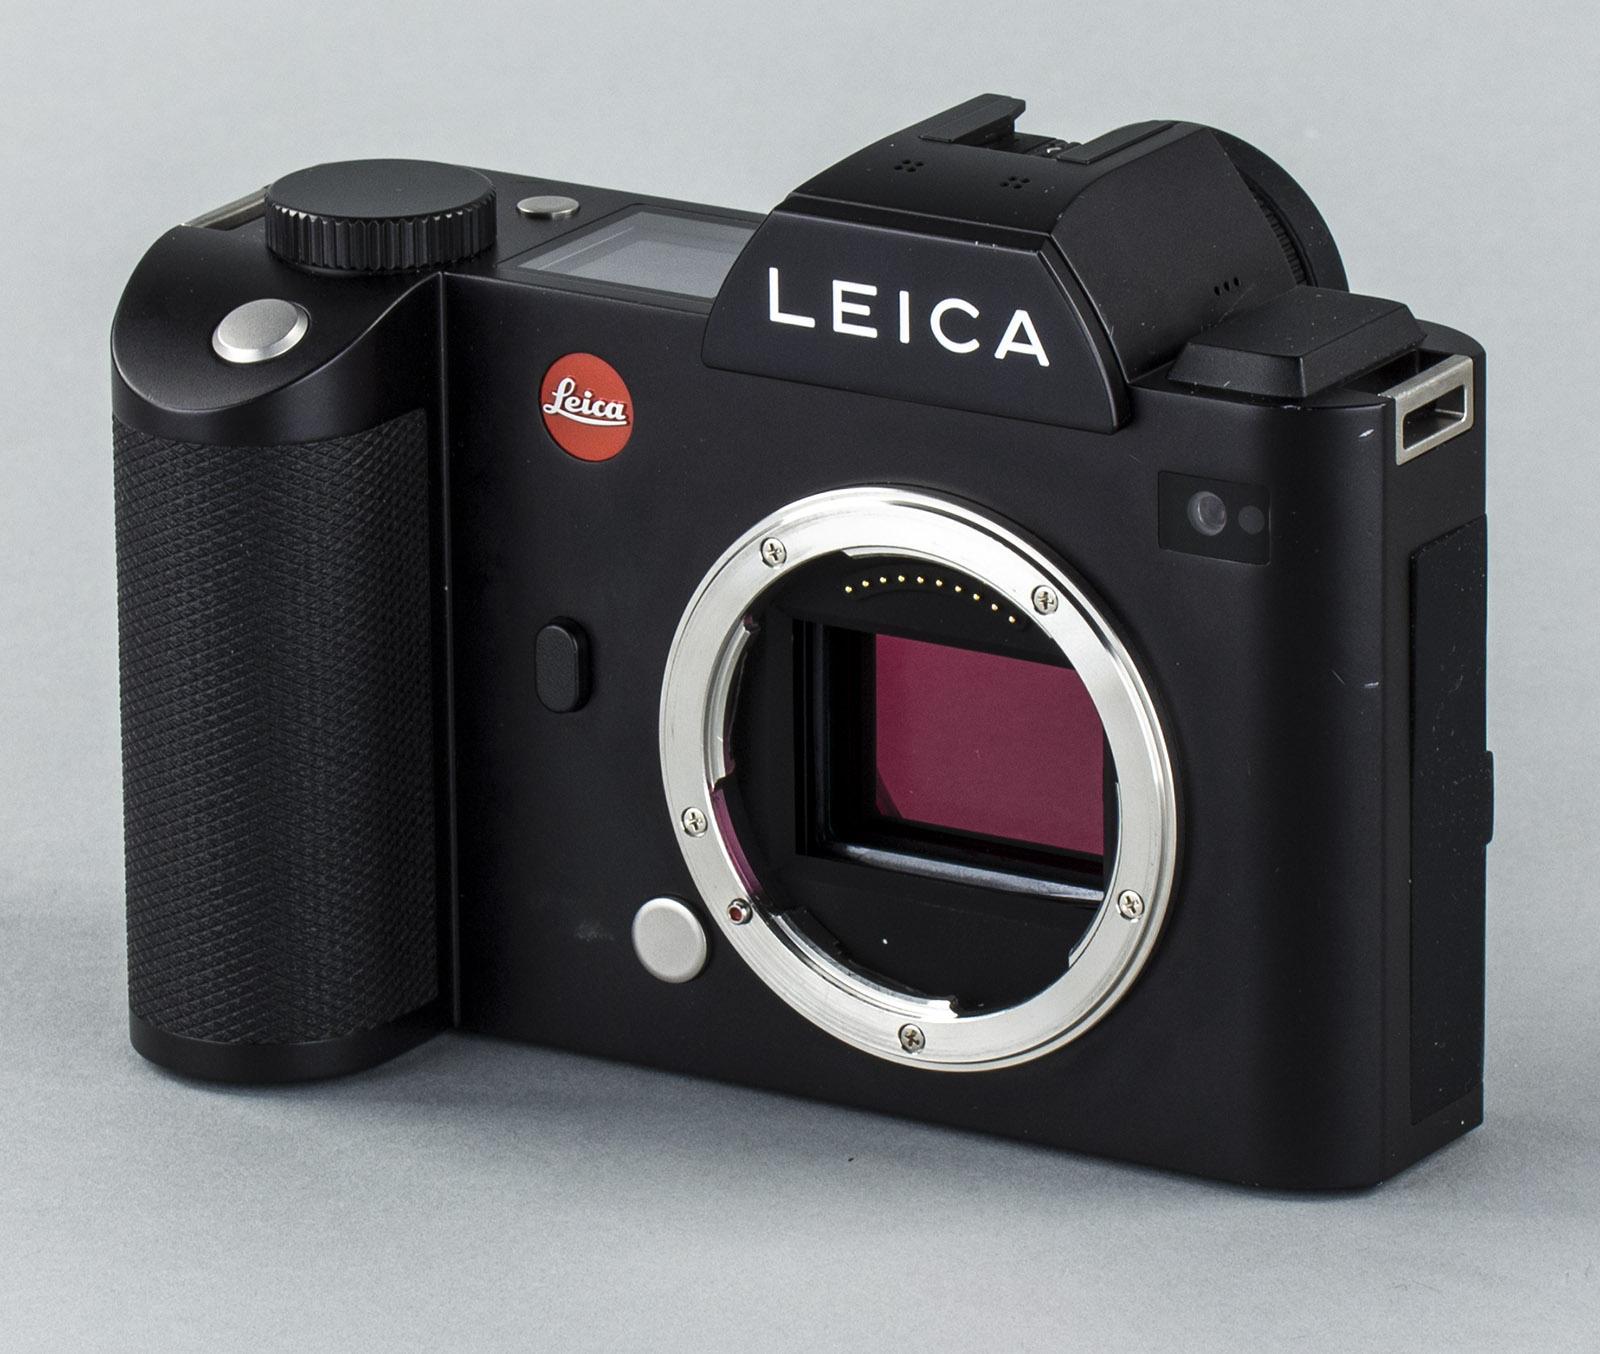 недорогой полноматричный фотоаппарат можно выполнять как